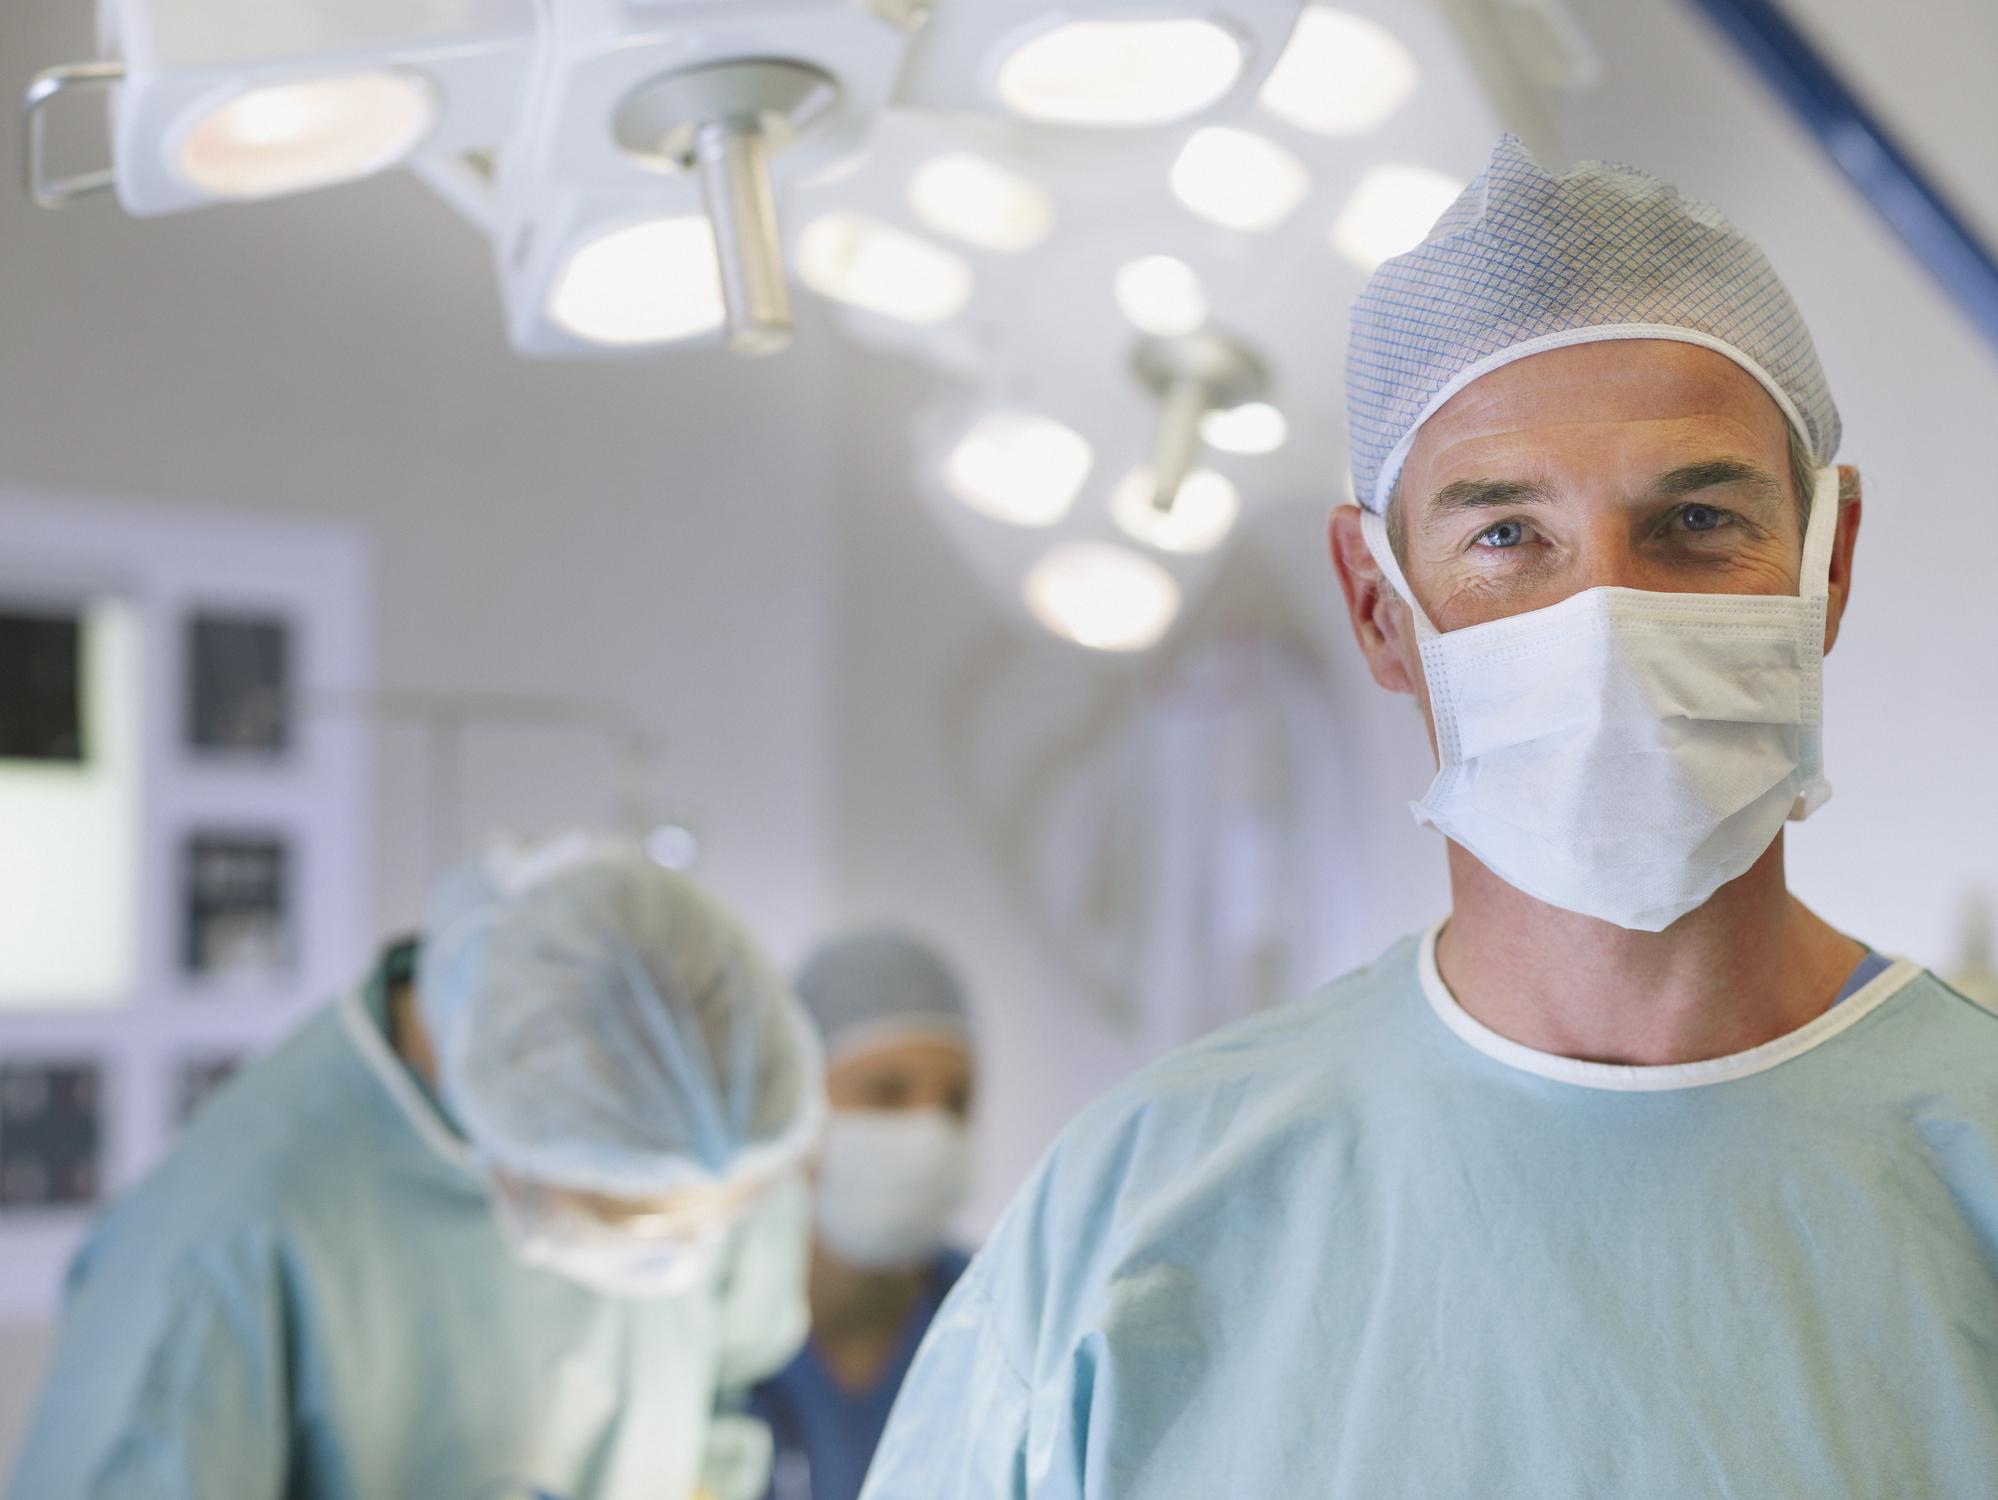 أفضل جراحي العظام في امريكا - تقرير 2021